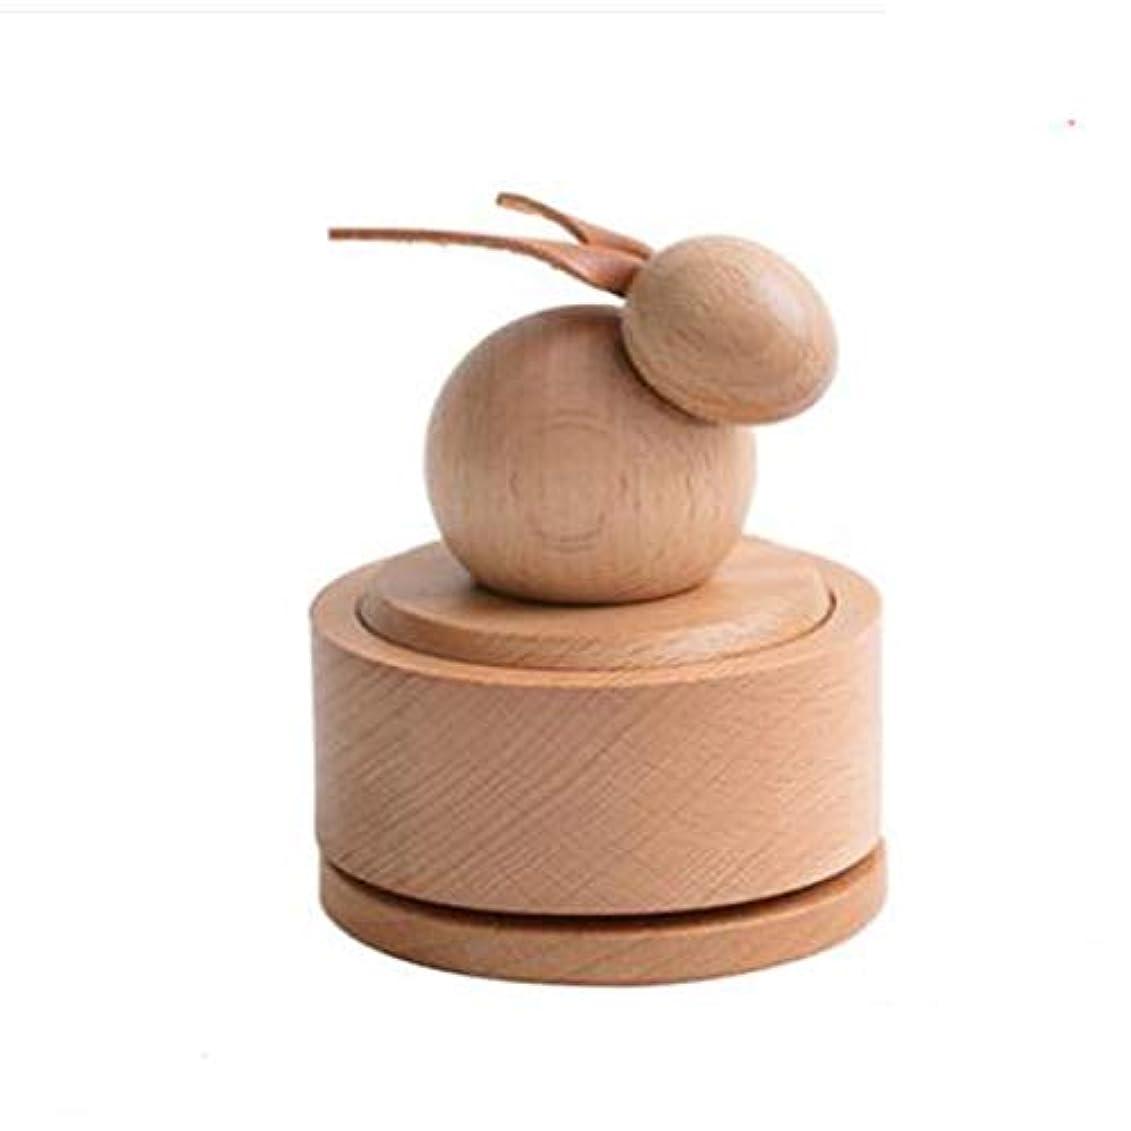 影響力のあるハッピー本土Kaiyitong01 ギフト豚オルゴールスカイシティオルゴール木製回転クリエイティブ送信女の子カップル誕生日ギフト,絶妙なファッション (Style : Rabbit)